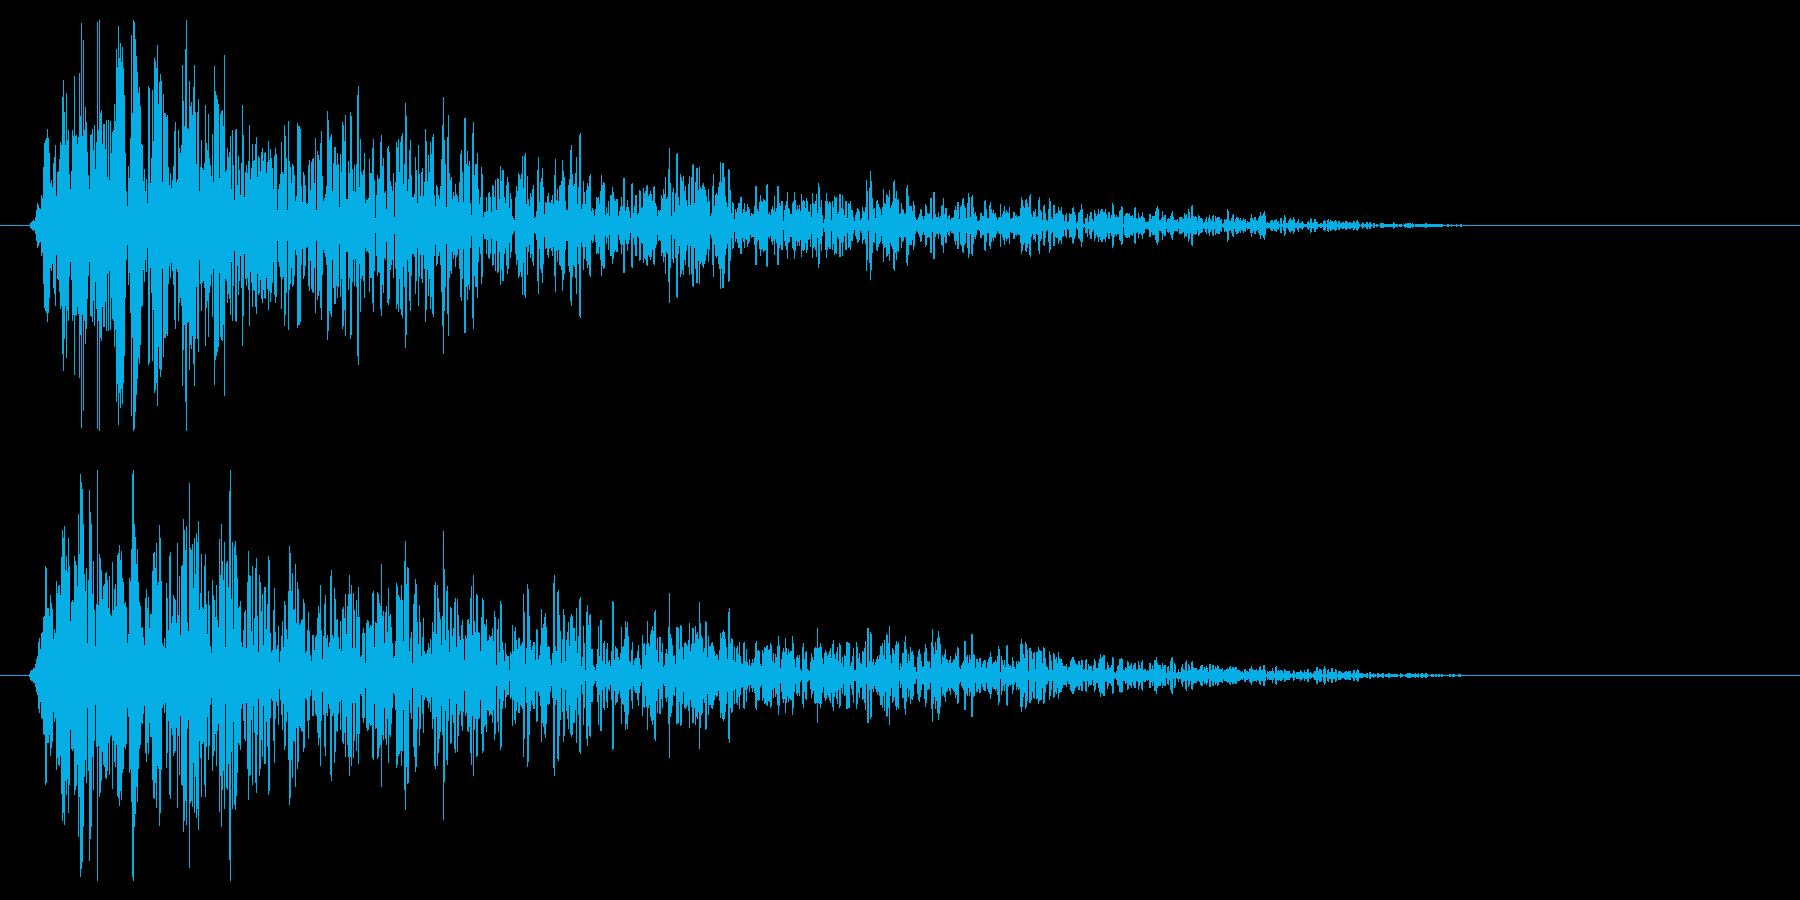 ガ〜ン(衝撃やショックを受けた時の音)の再生済みの波形